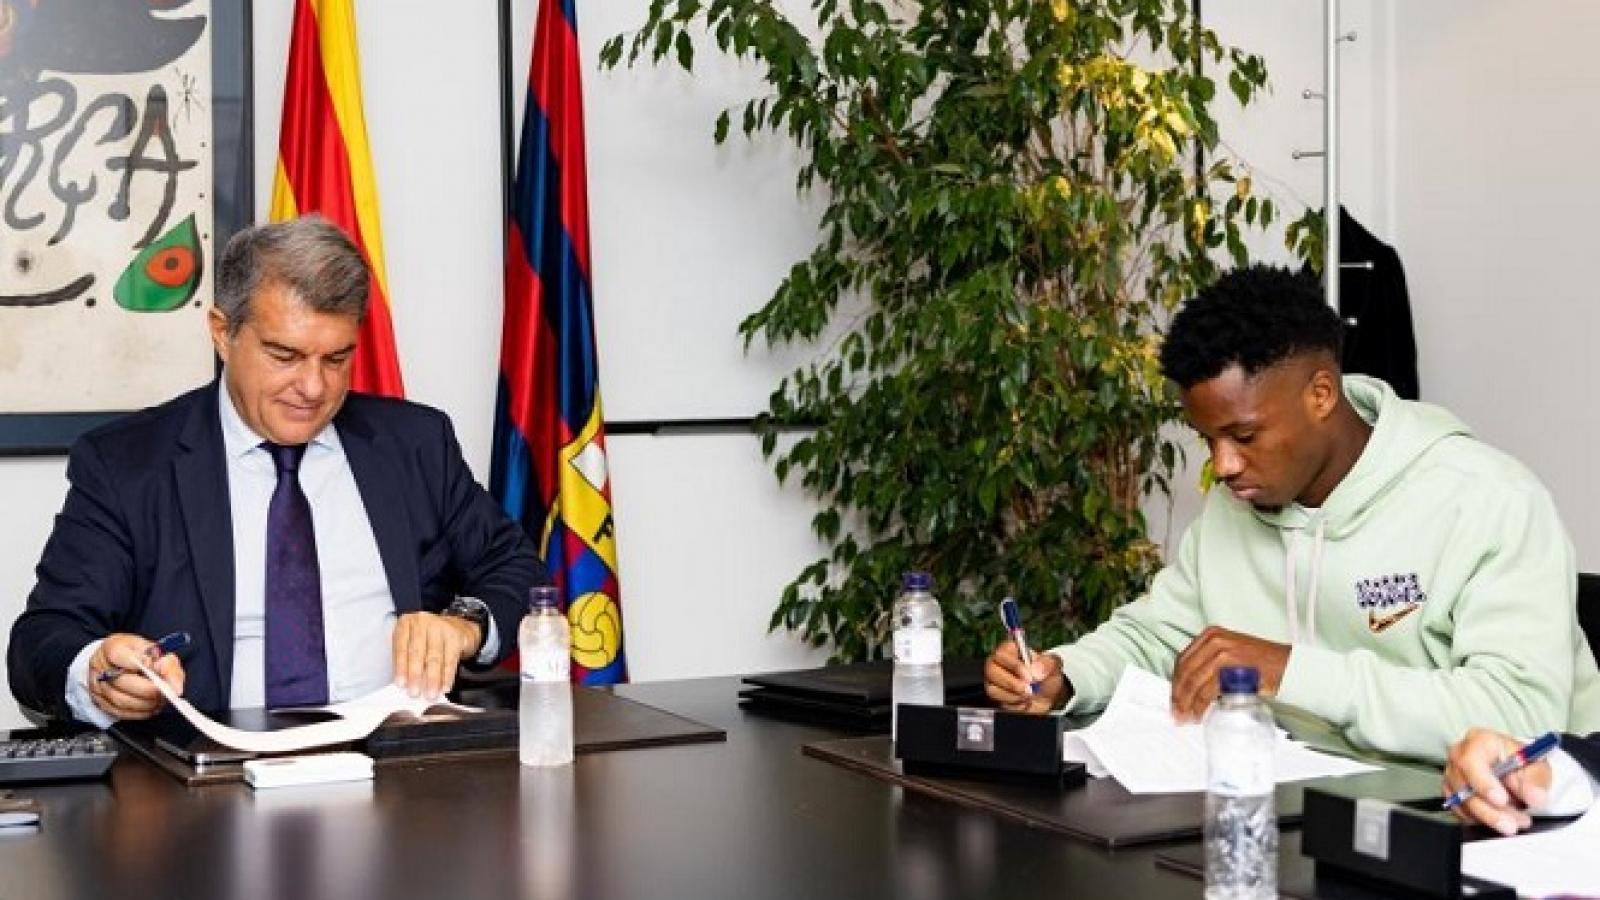 Barca gia hạn hợp đồng với Ansu Fati, điều khoản giải phóng 1 tỷ Euro